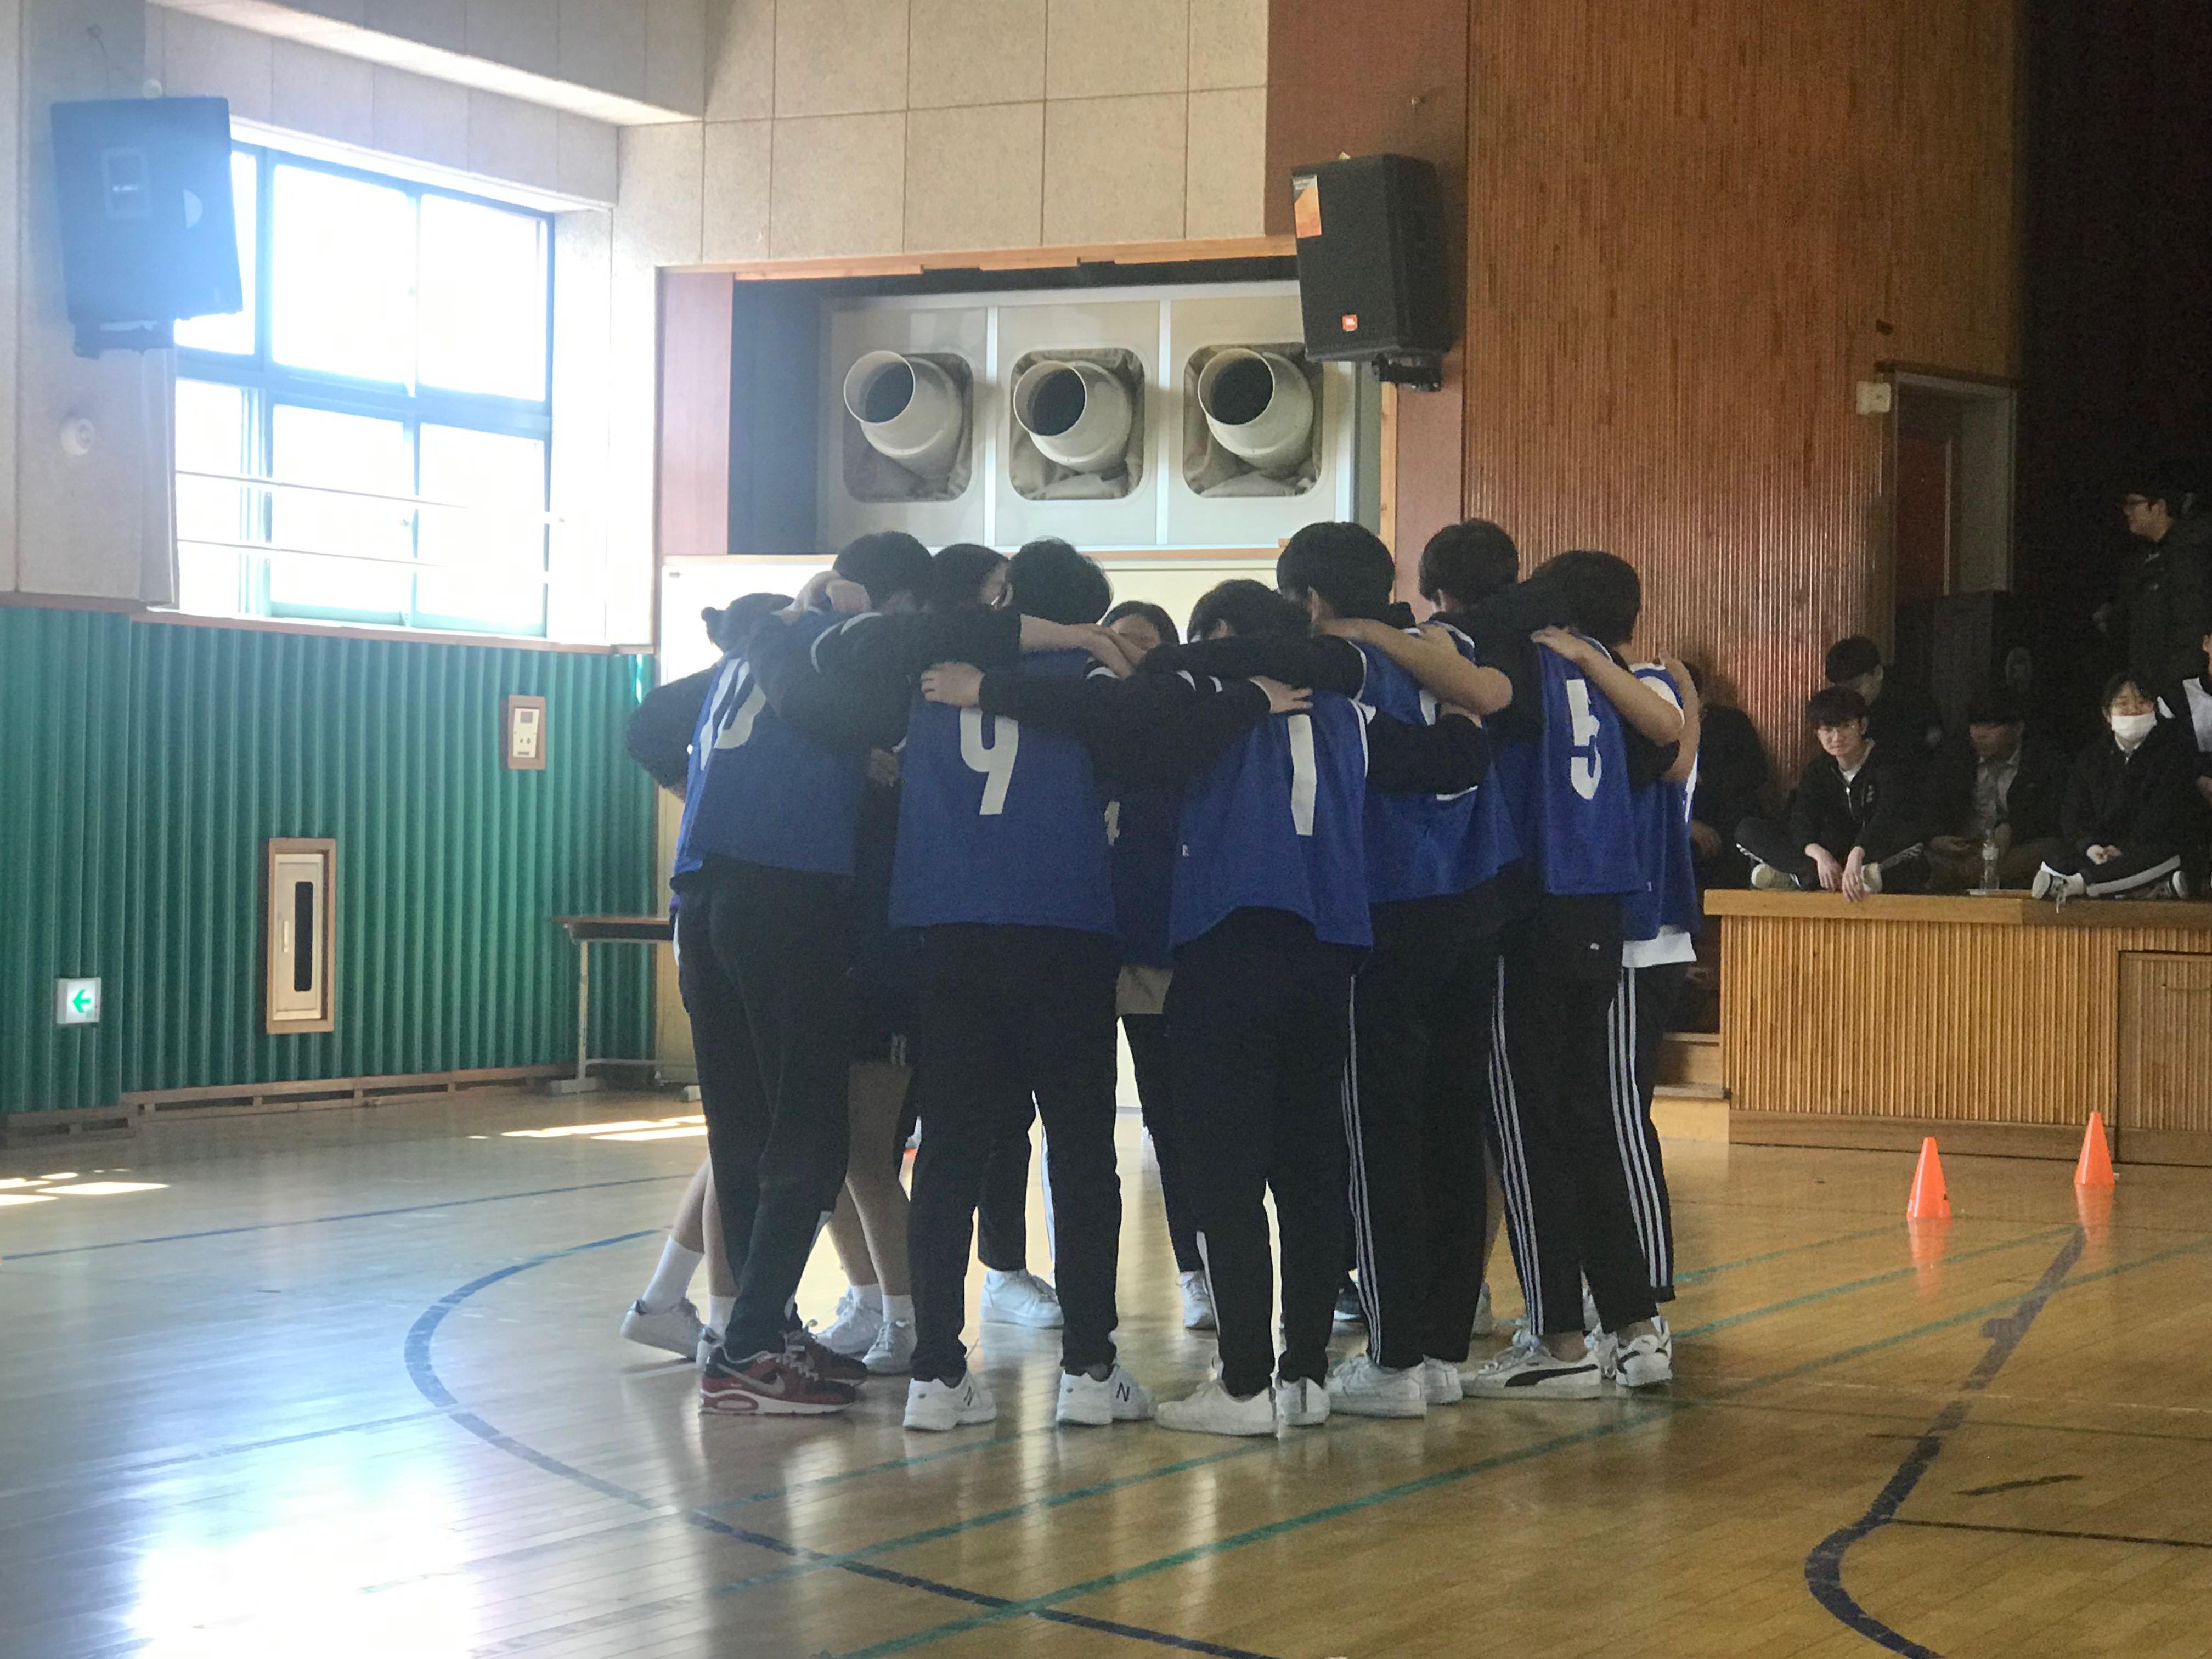 [일반] 학교스포츠클럽 피구대회의 첨부이미지 1